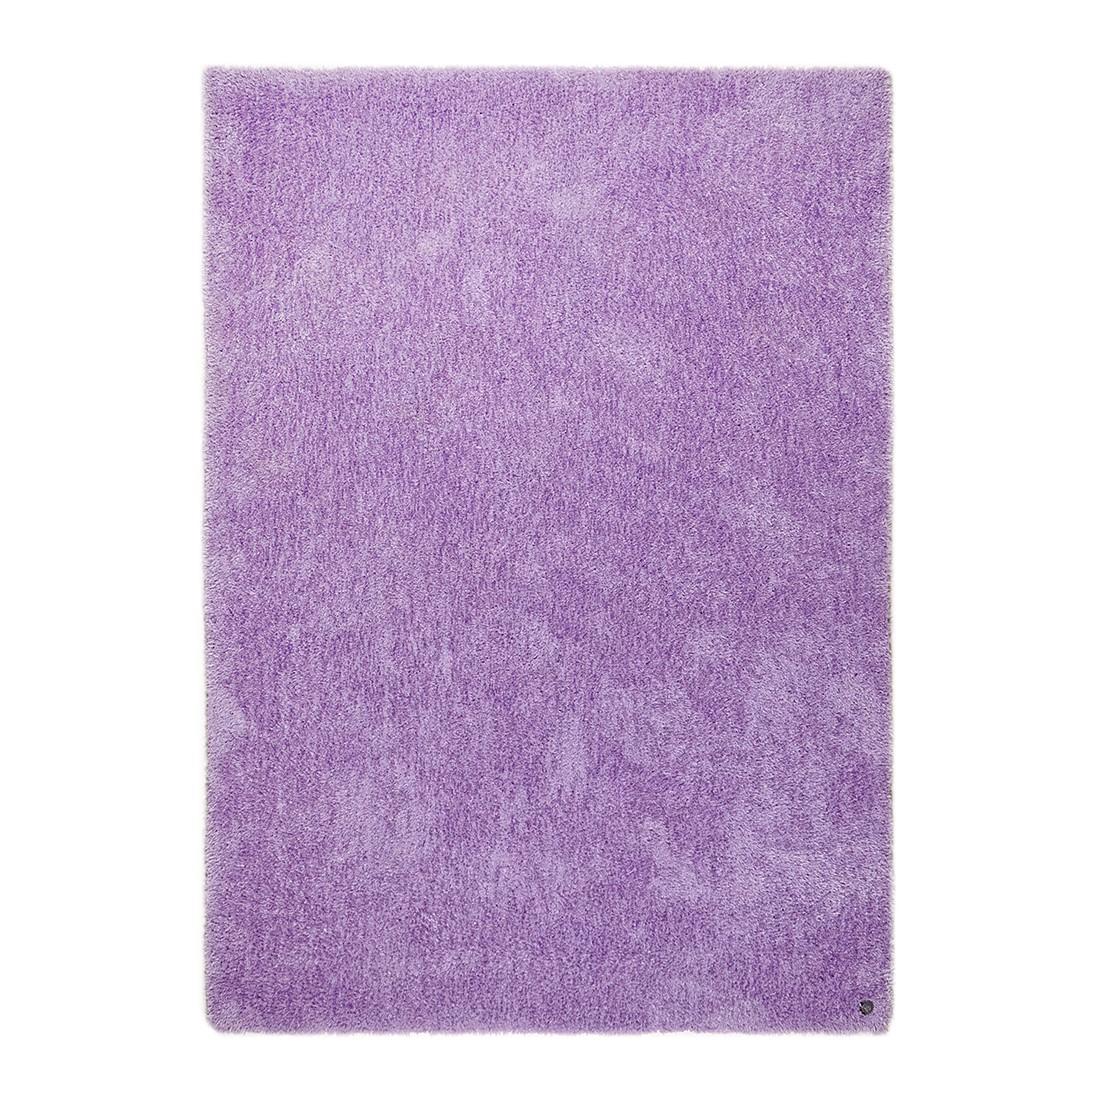 Teppich Soft Square – Hell Violett – Maße: 140 x 200 cm, Tom Tailor jetzt kaufen